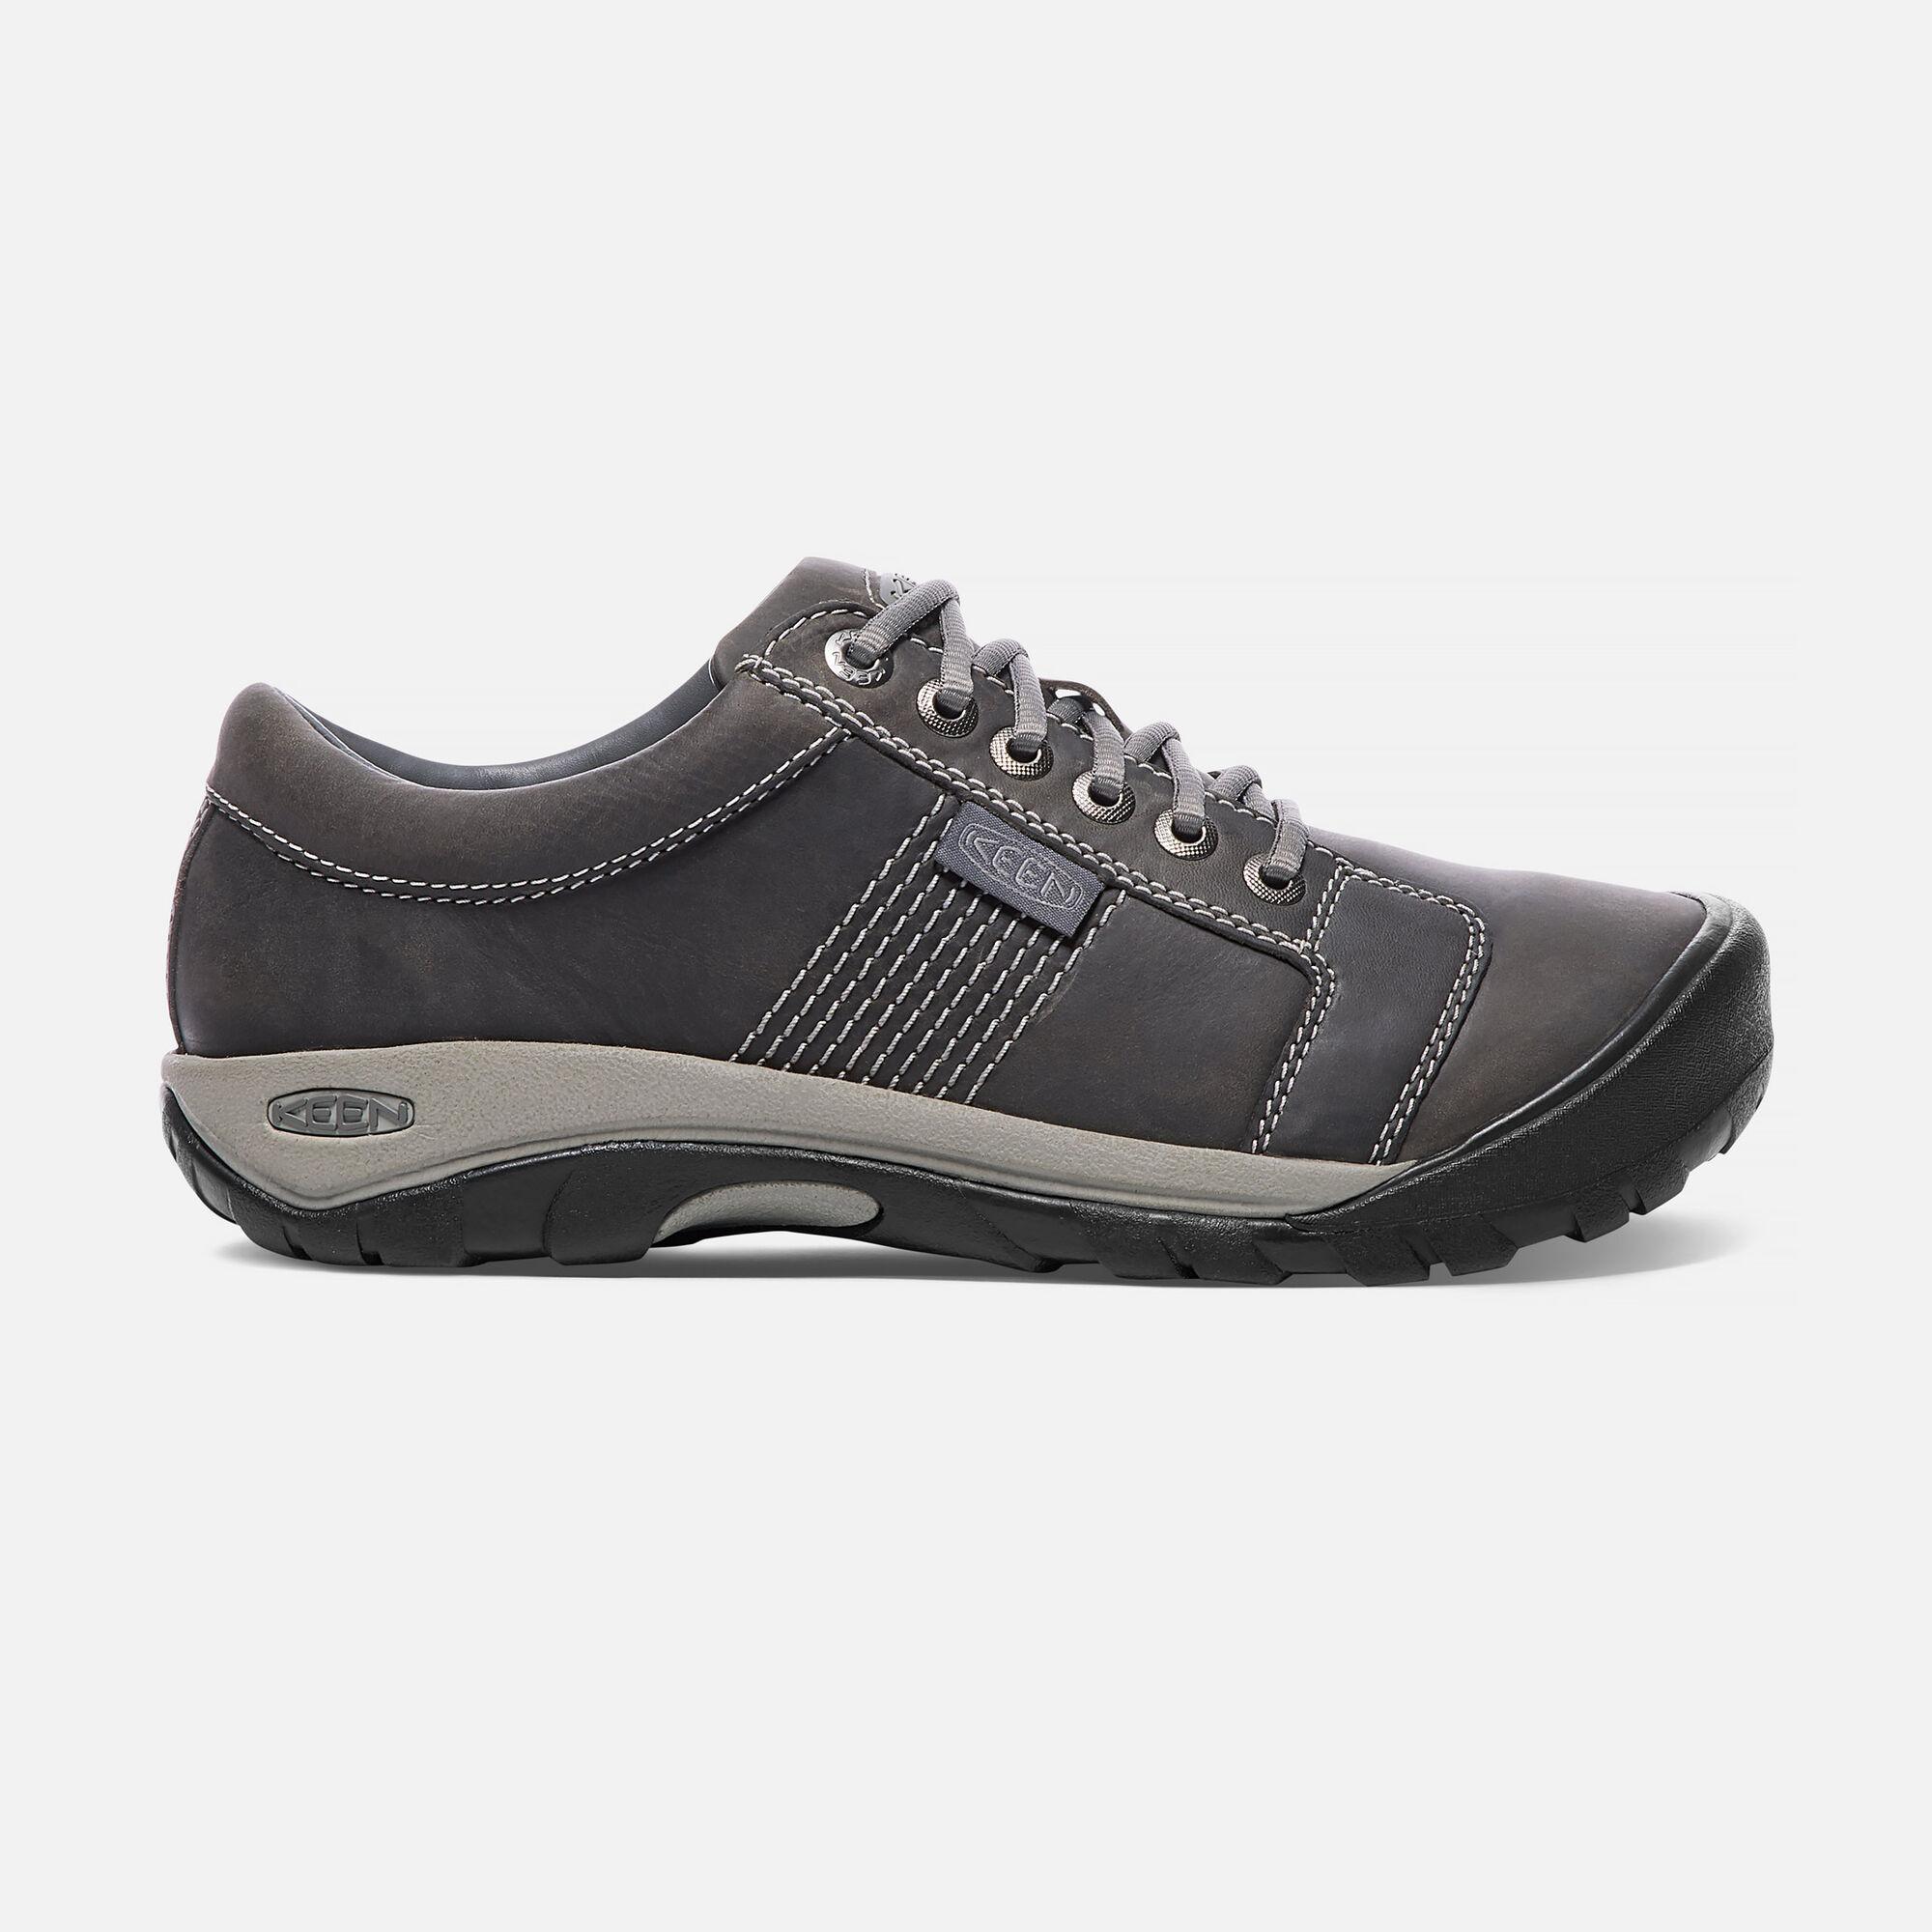 Austin Shoe - Men's